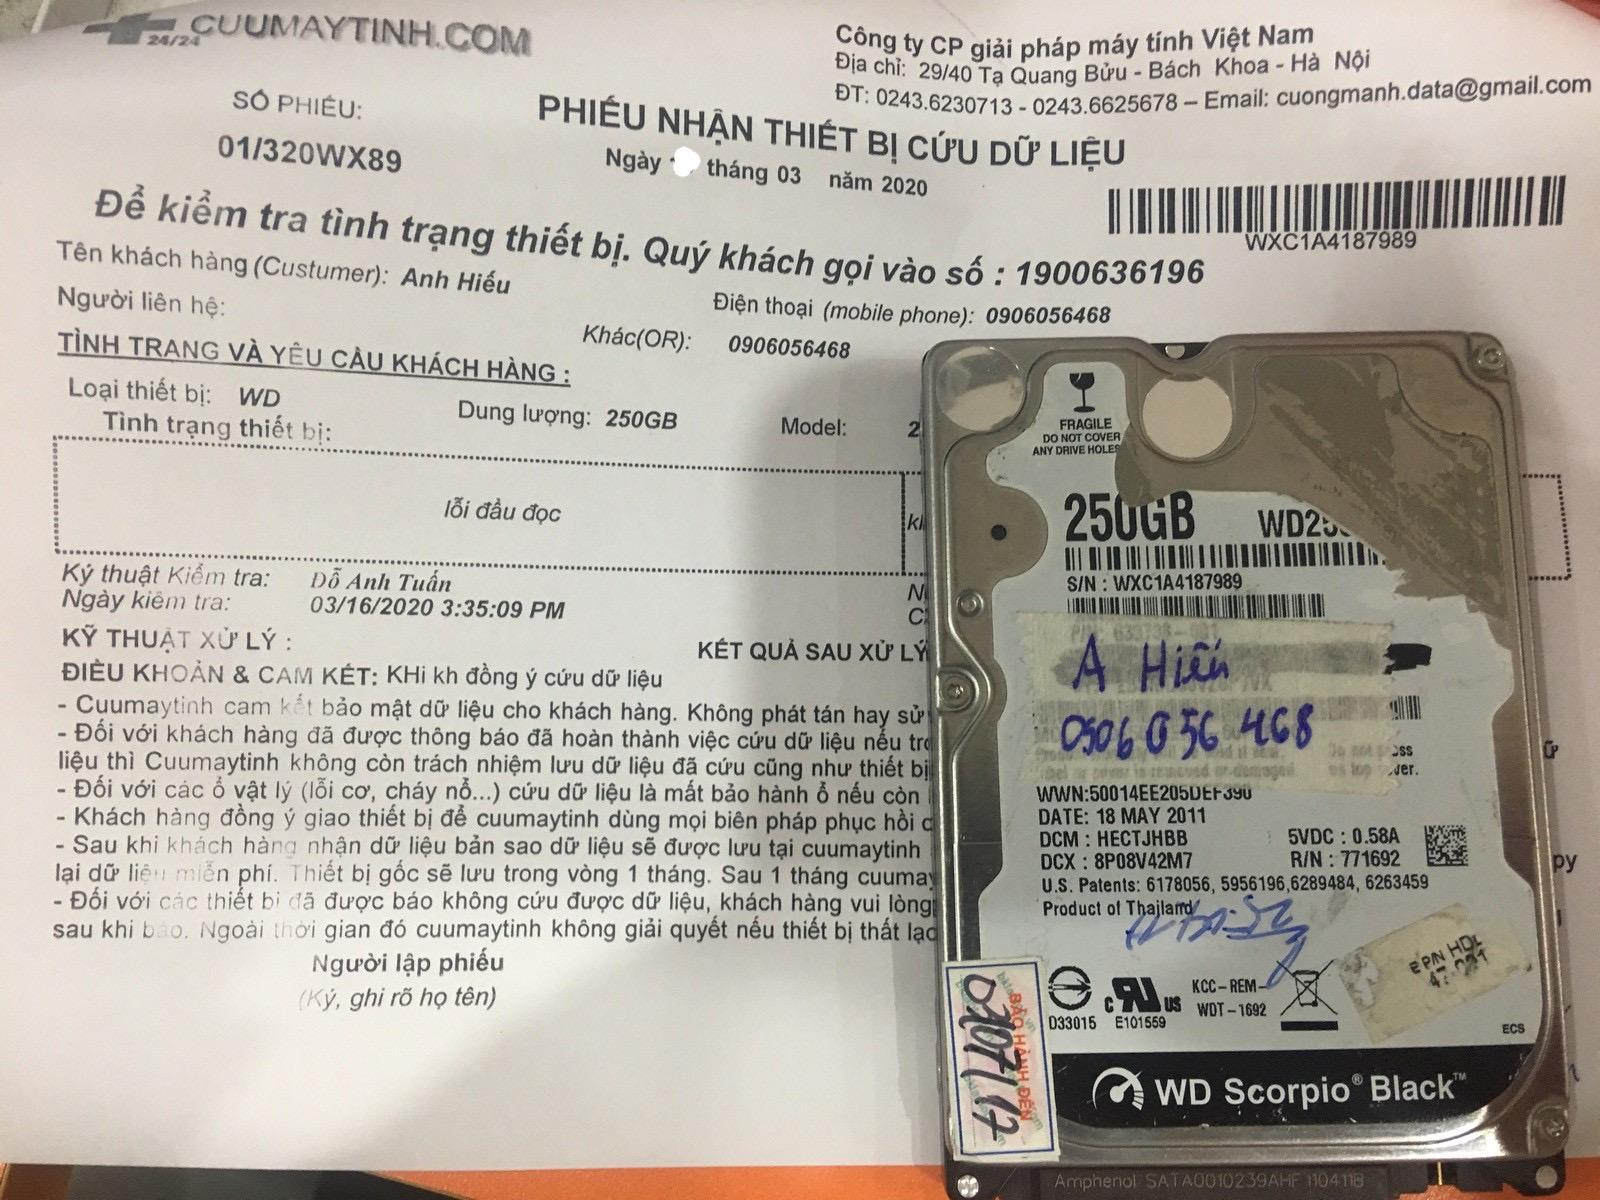 Cứu dữ liệu ổ cứng Western 250GB lỗi đầu đọc 19/03/2020 - cuumaytinh